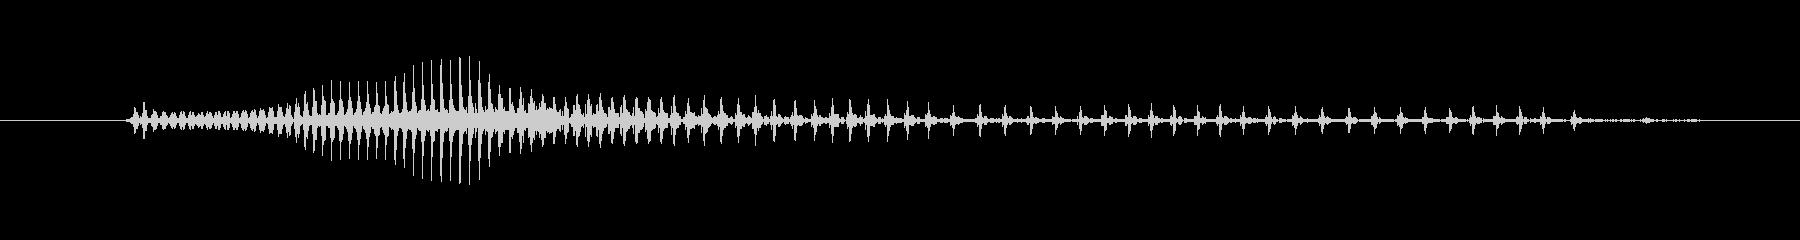 鳴き声 男性不平悲しい01の未再生の波形